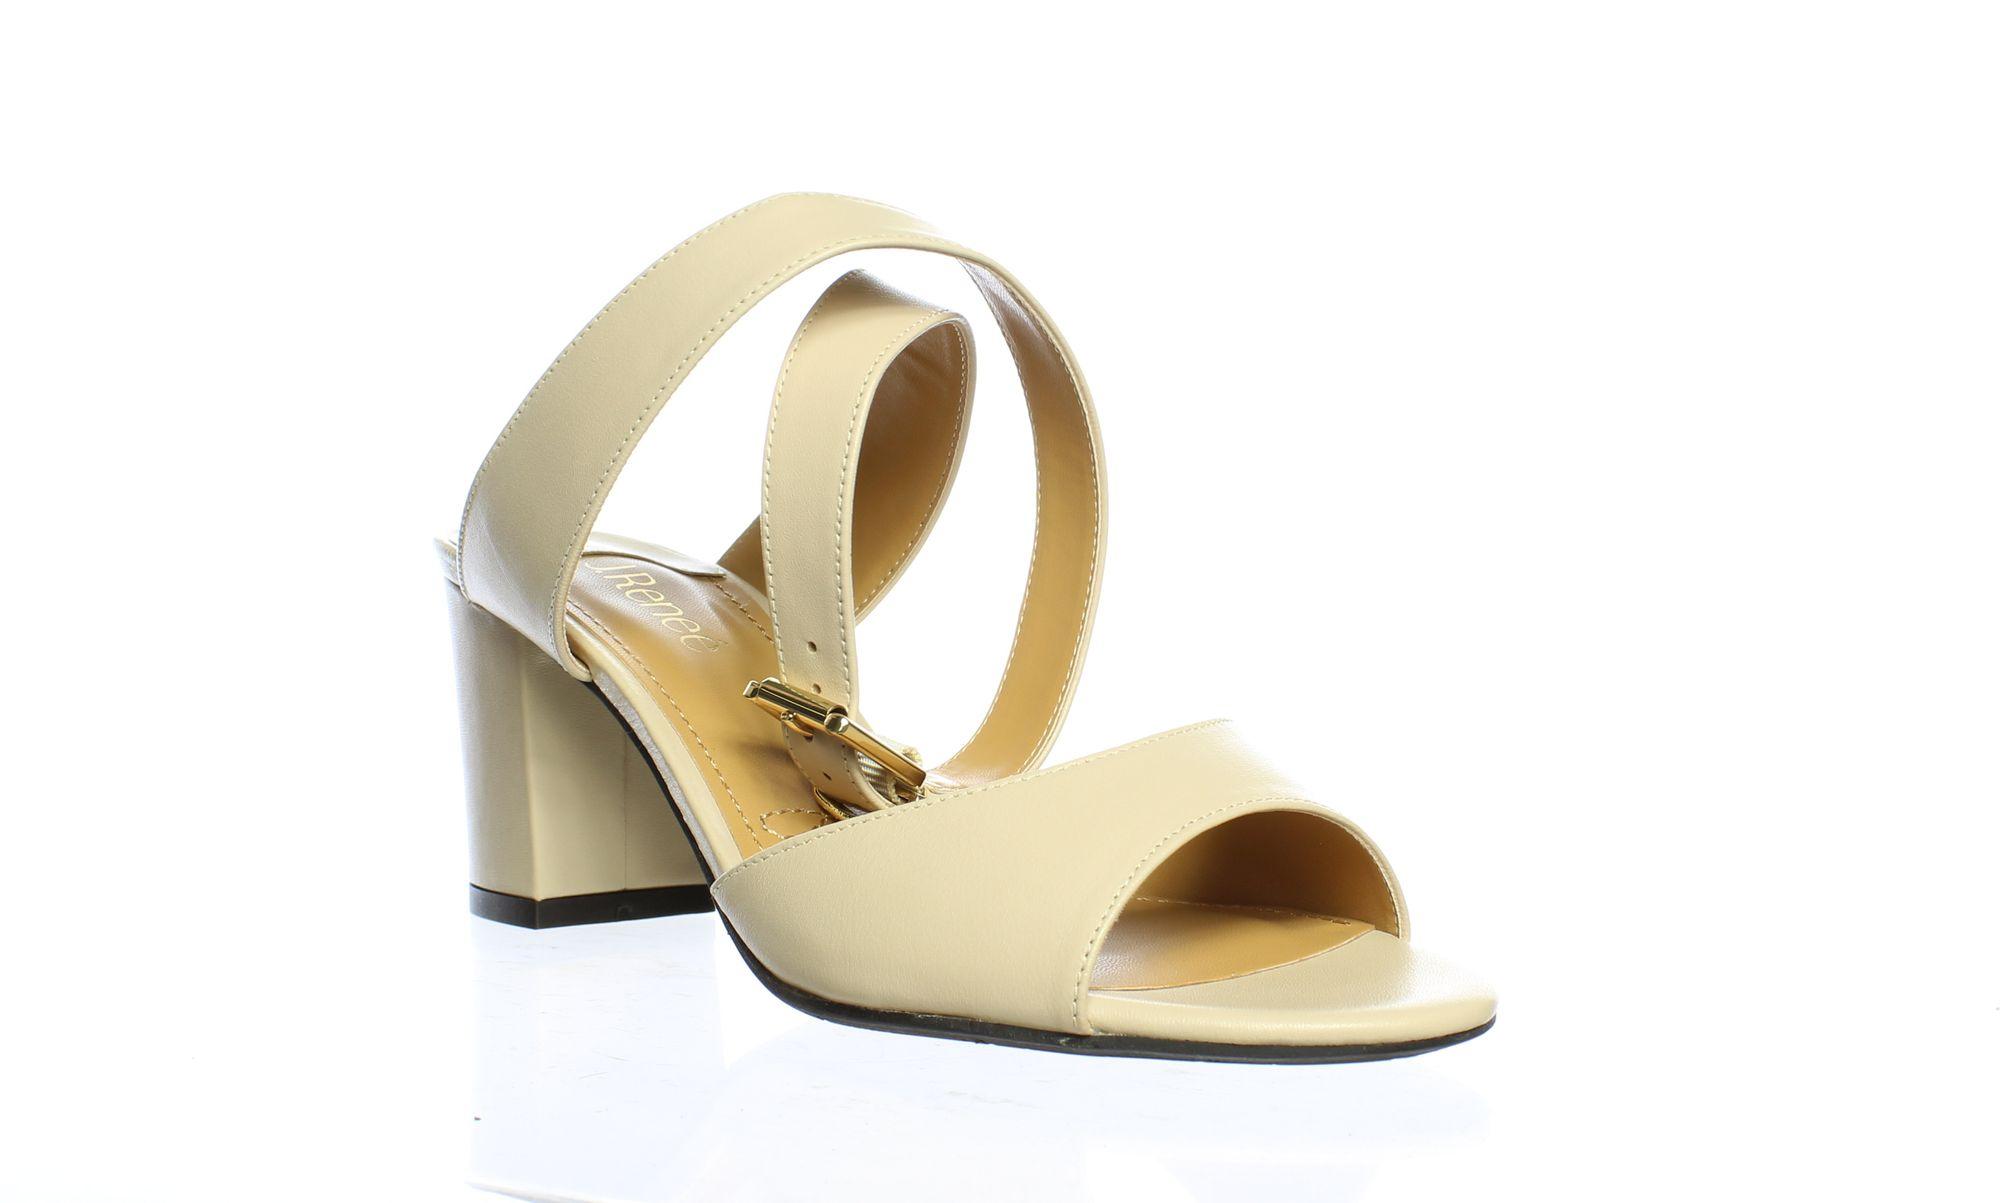 J. Renee Womens Drizella Nude Ankle Strap Heels Size 9.5